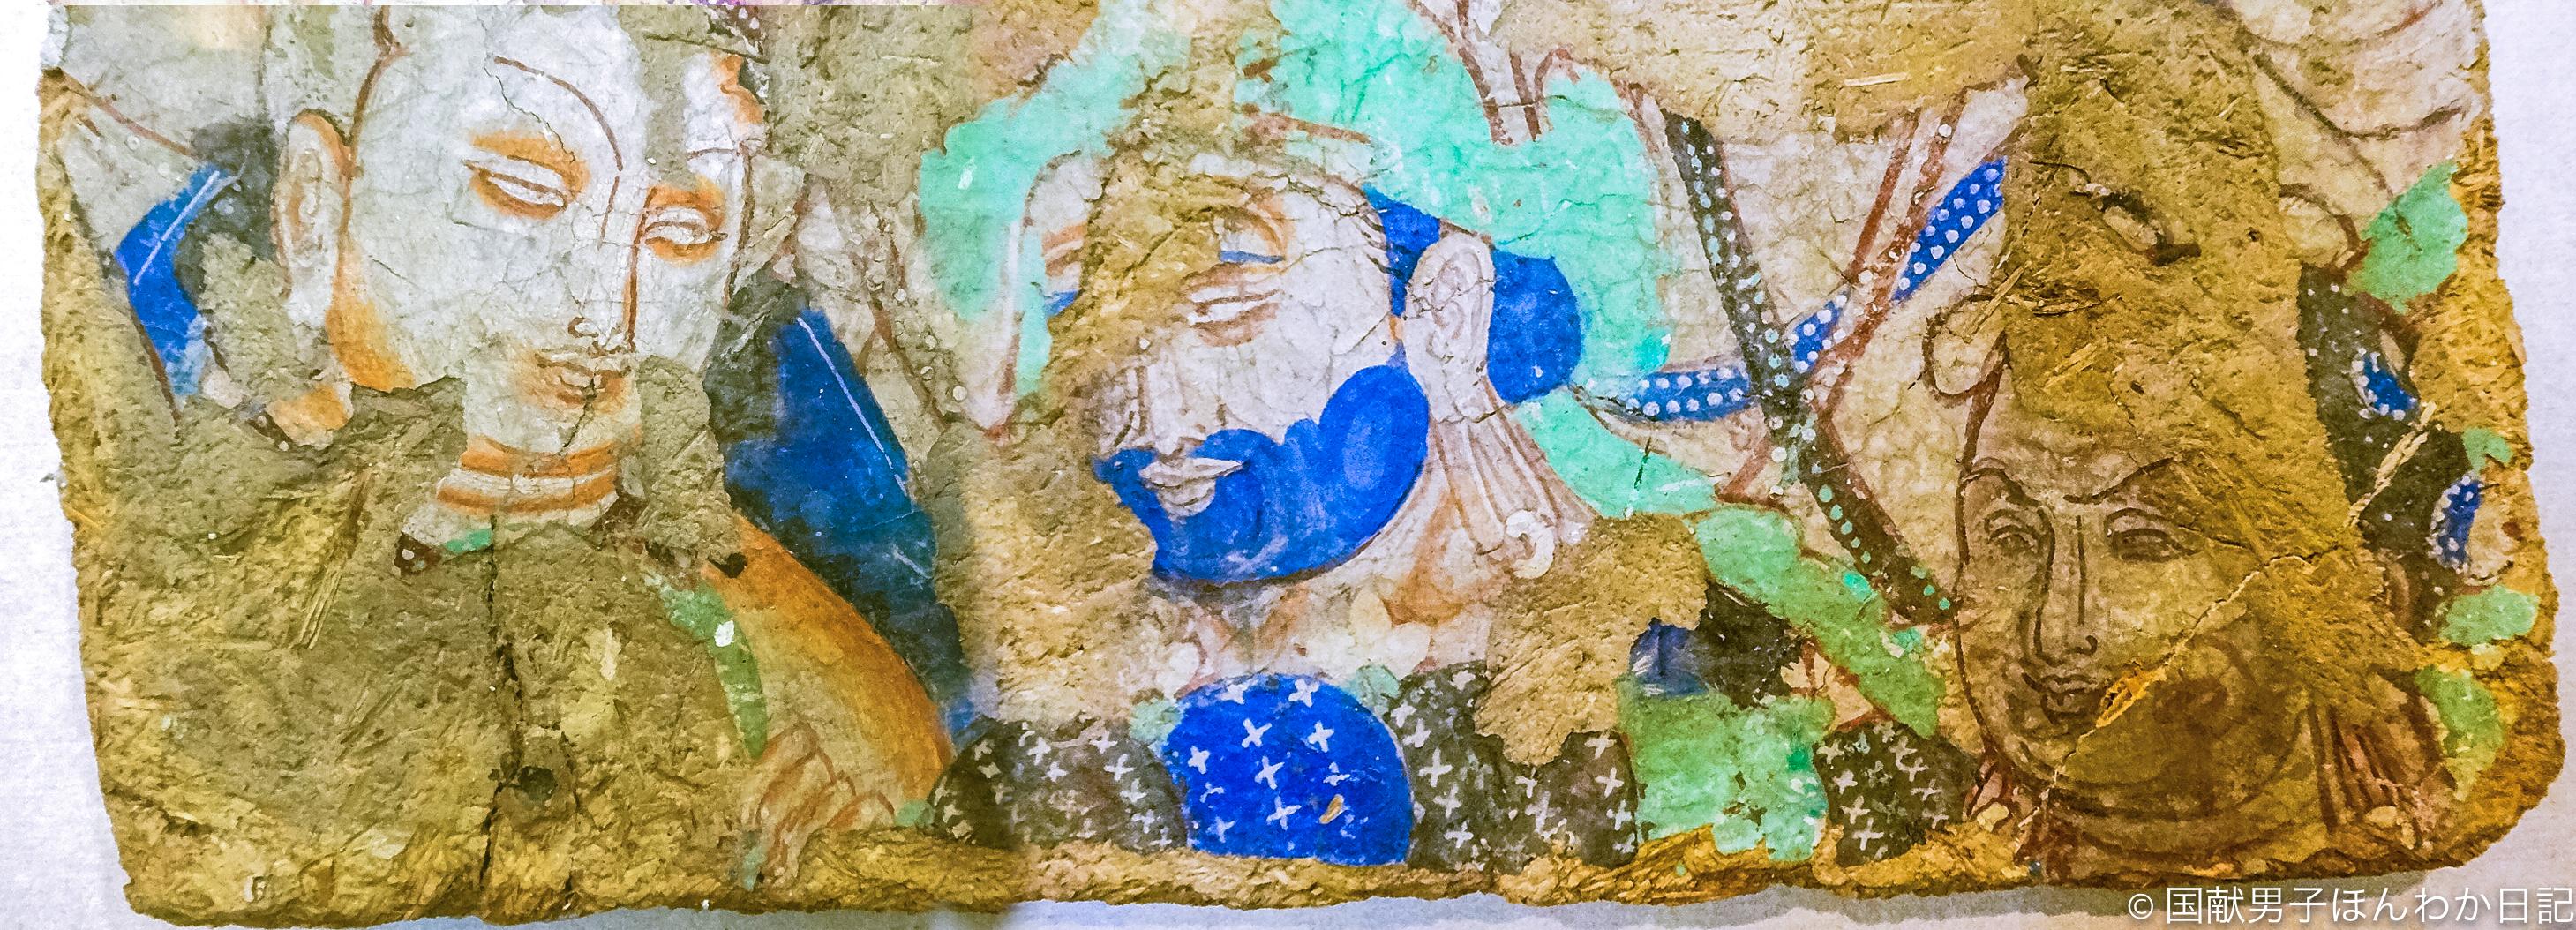 ギメ東洋美術館展示中の壁画とその下半分、貴人の従者か(ガラス越しに撮影:筆者)